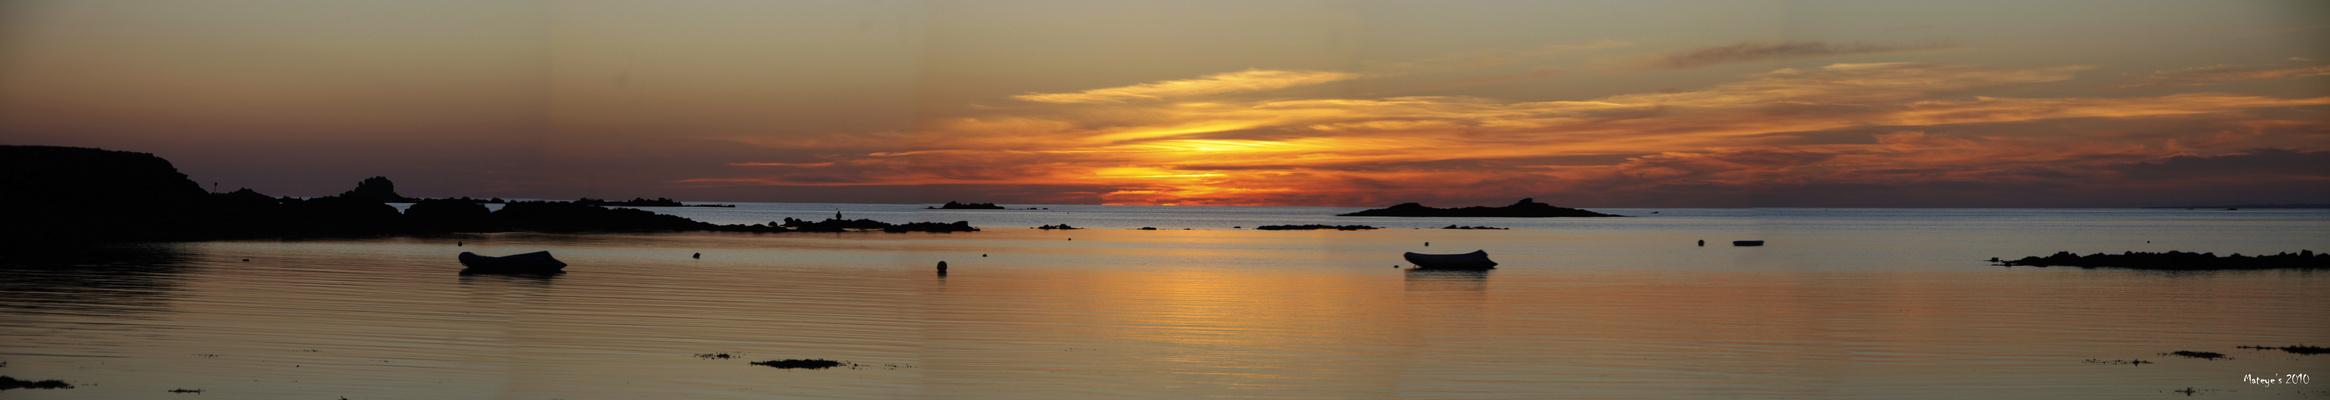 Le soleil se couche sur Quiberon